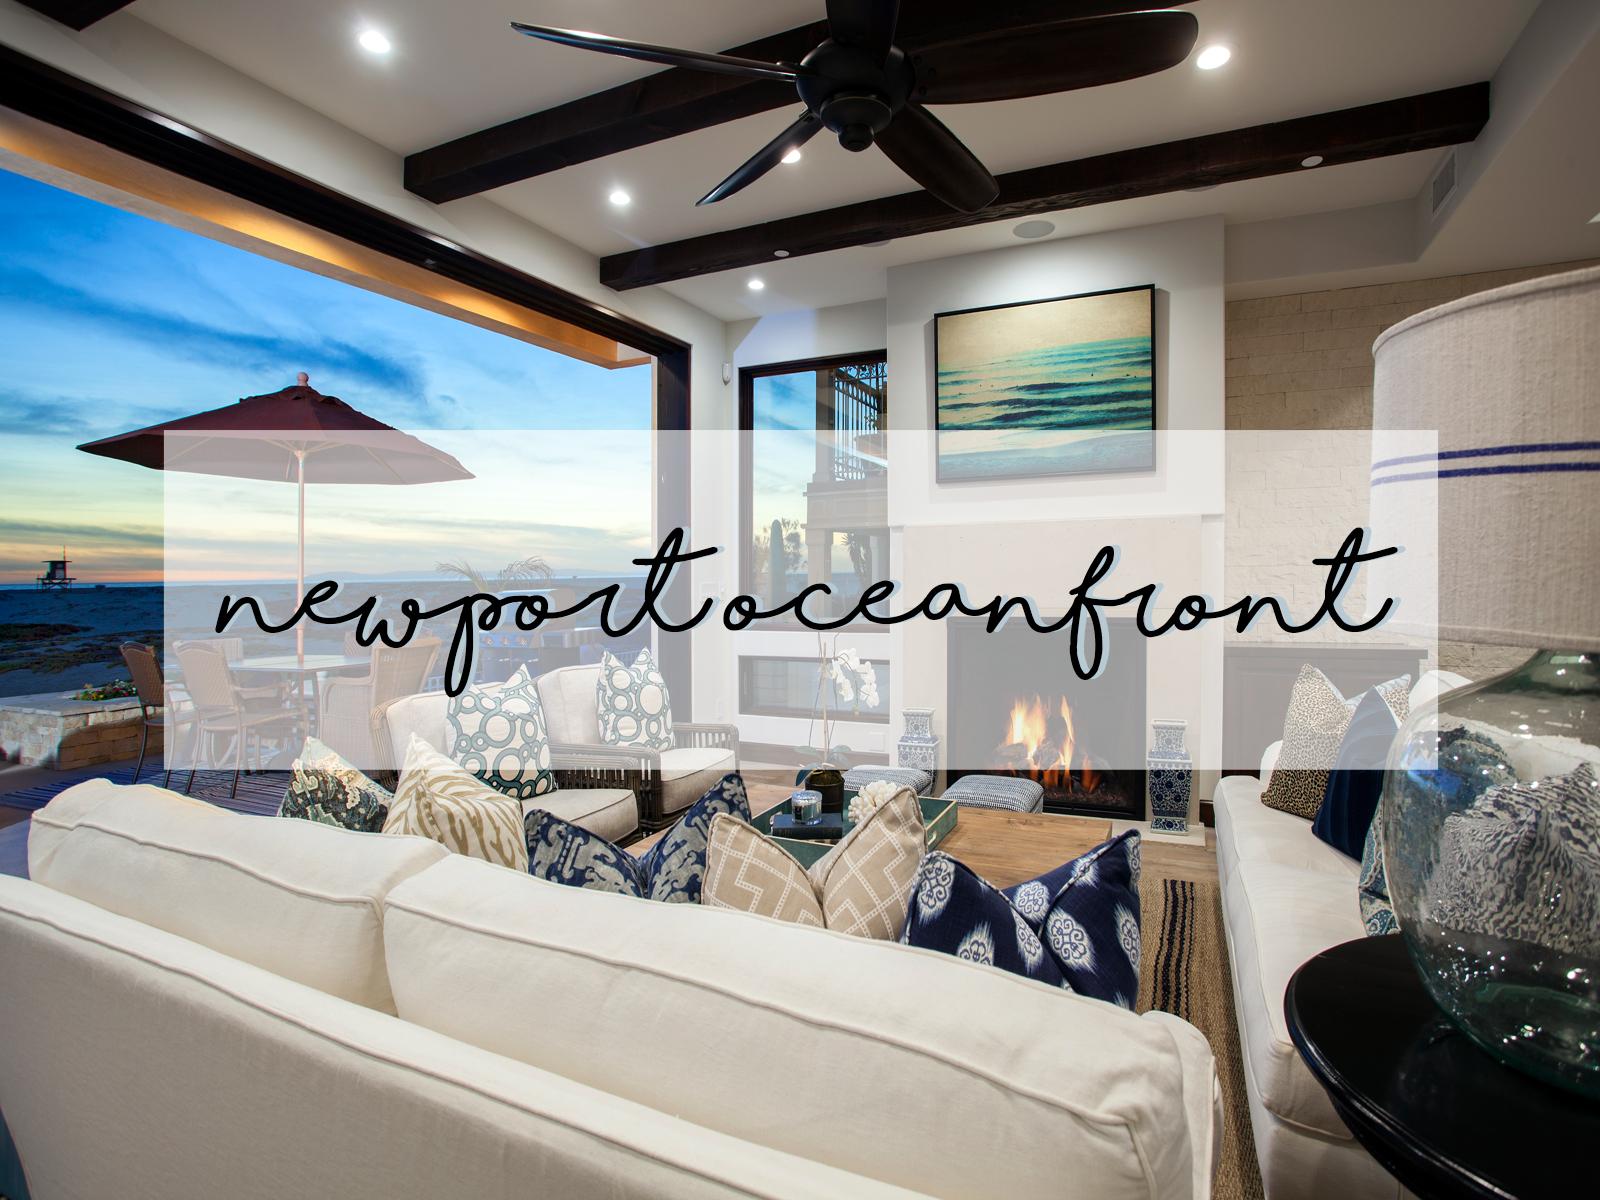 blackband_design_newport_oceanfront-1